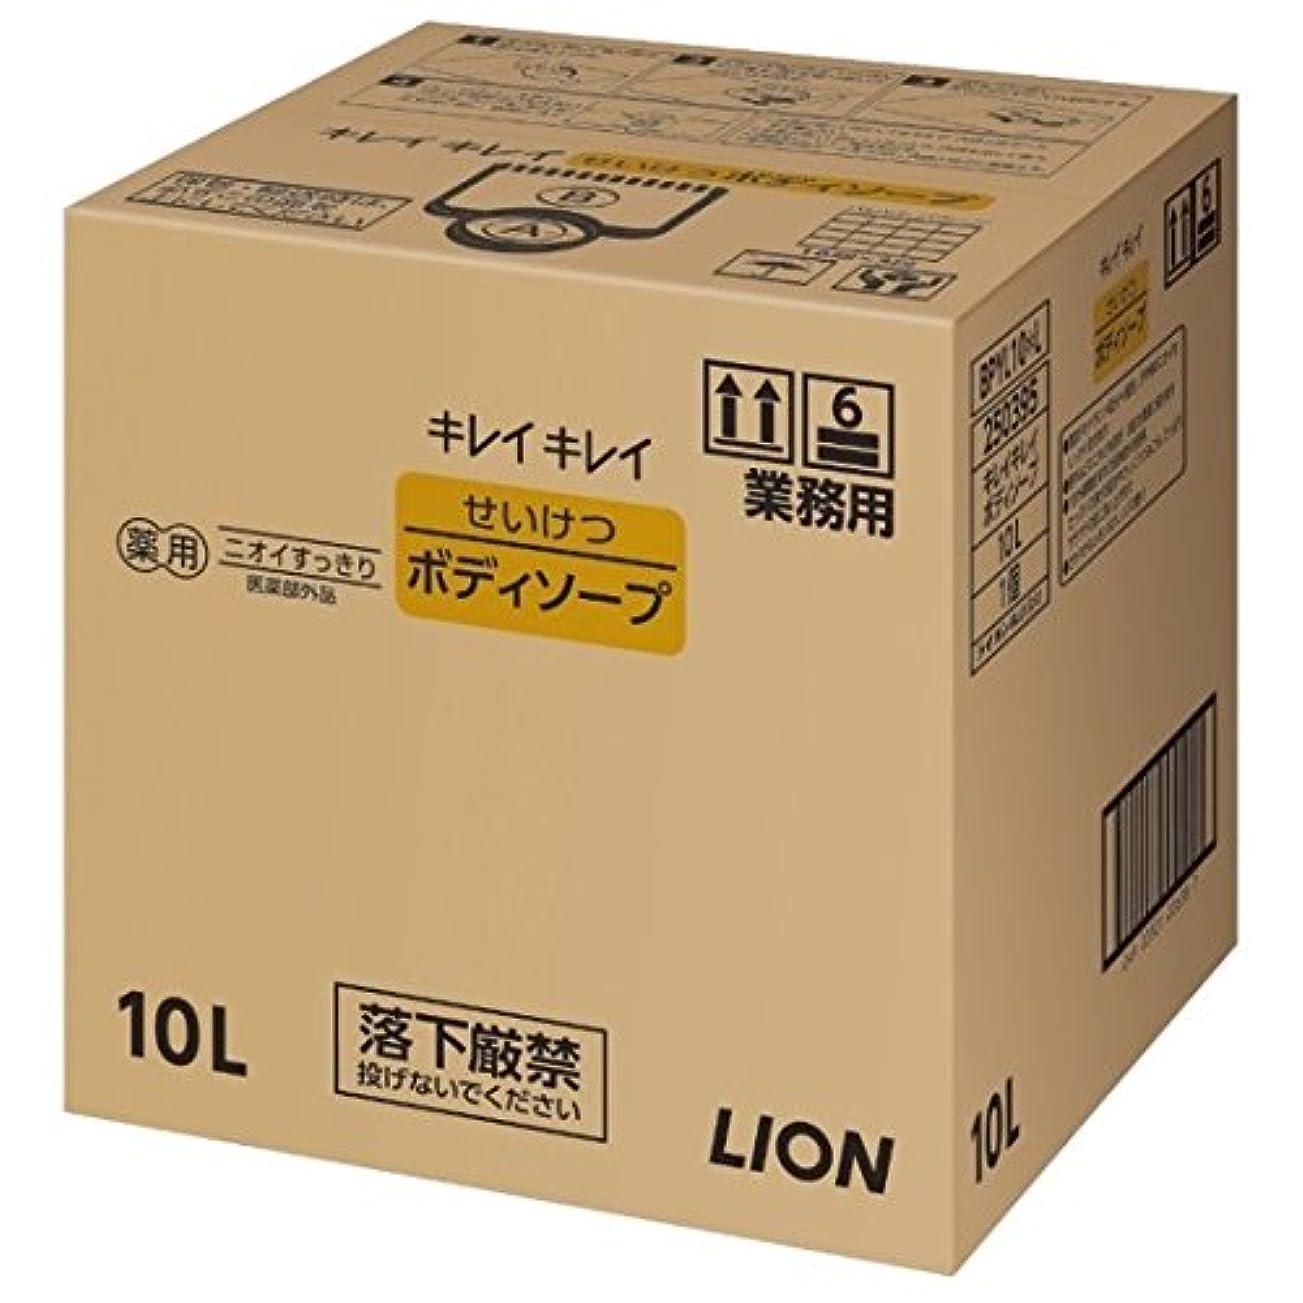 のホスト最大の湿度ライオン 業務用 キレイキレイ せいけつボディソープ 10L